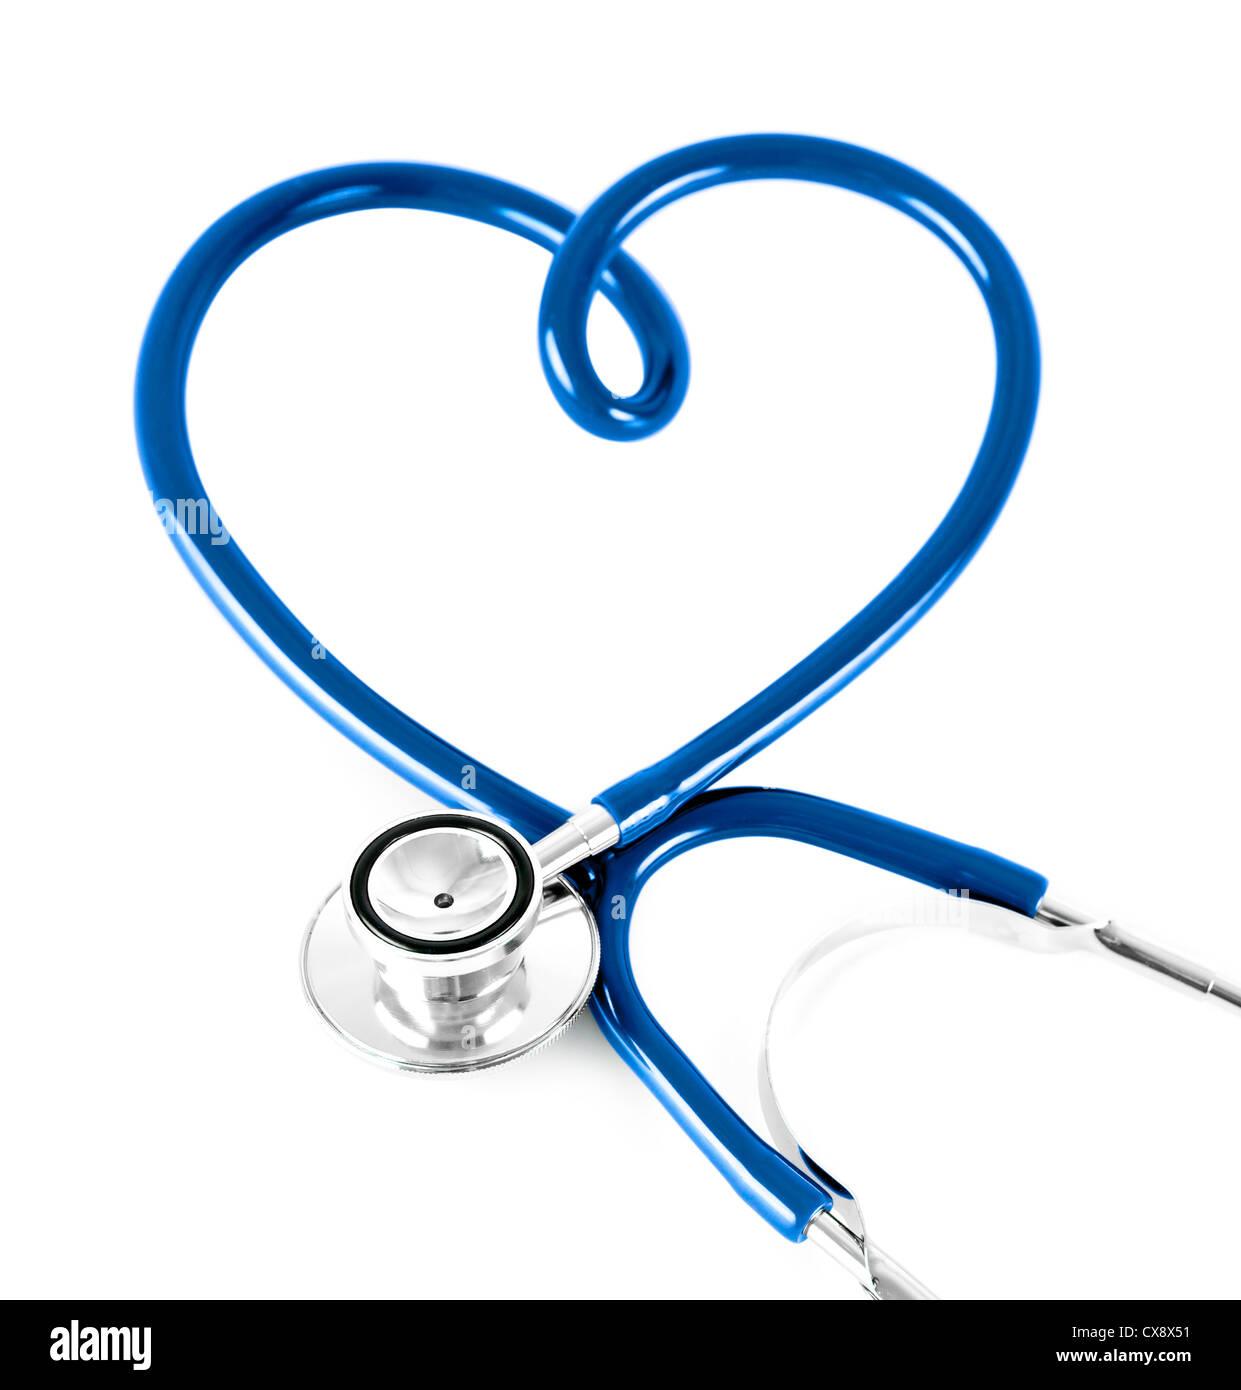 Stethoskop in Form von Herz-Konzept. blaue Farbe. Stockbild